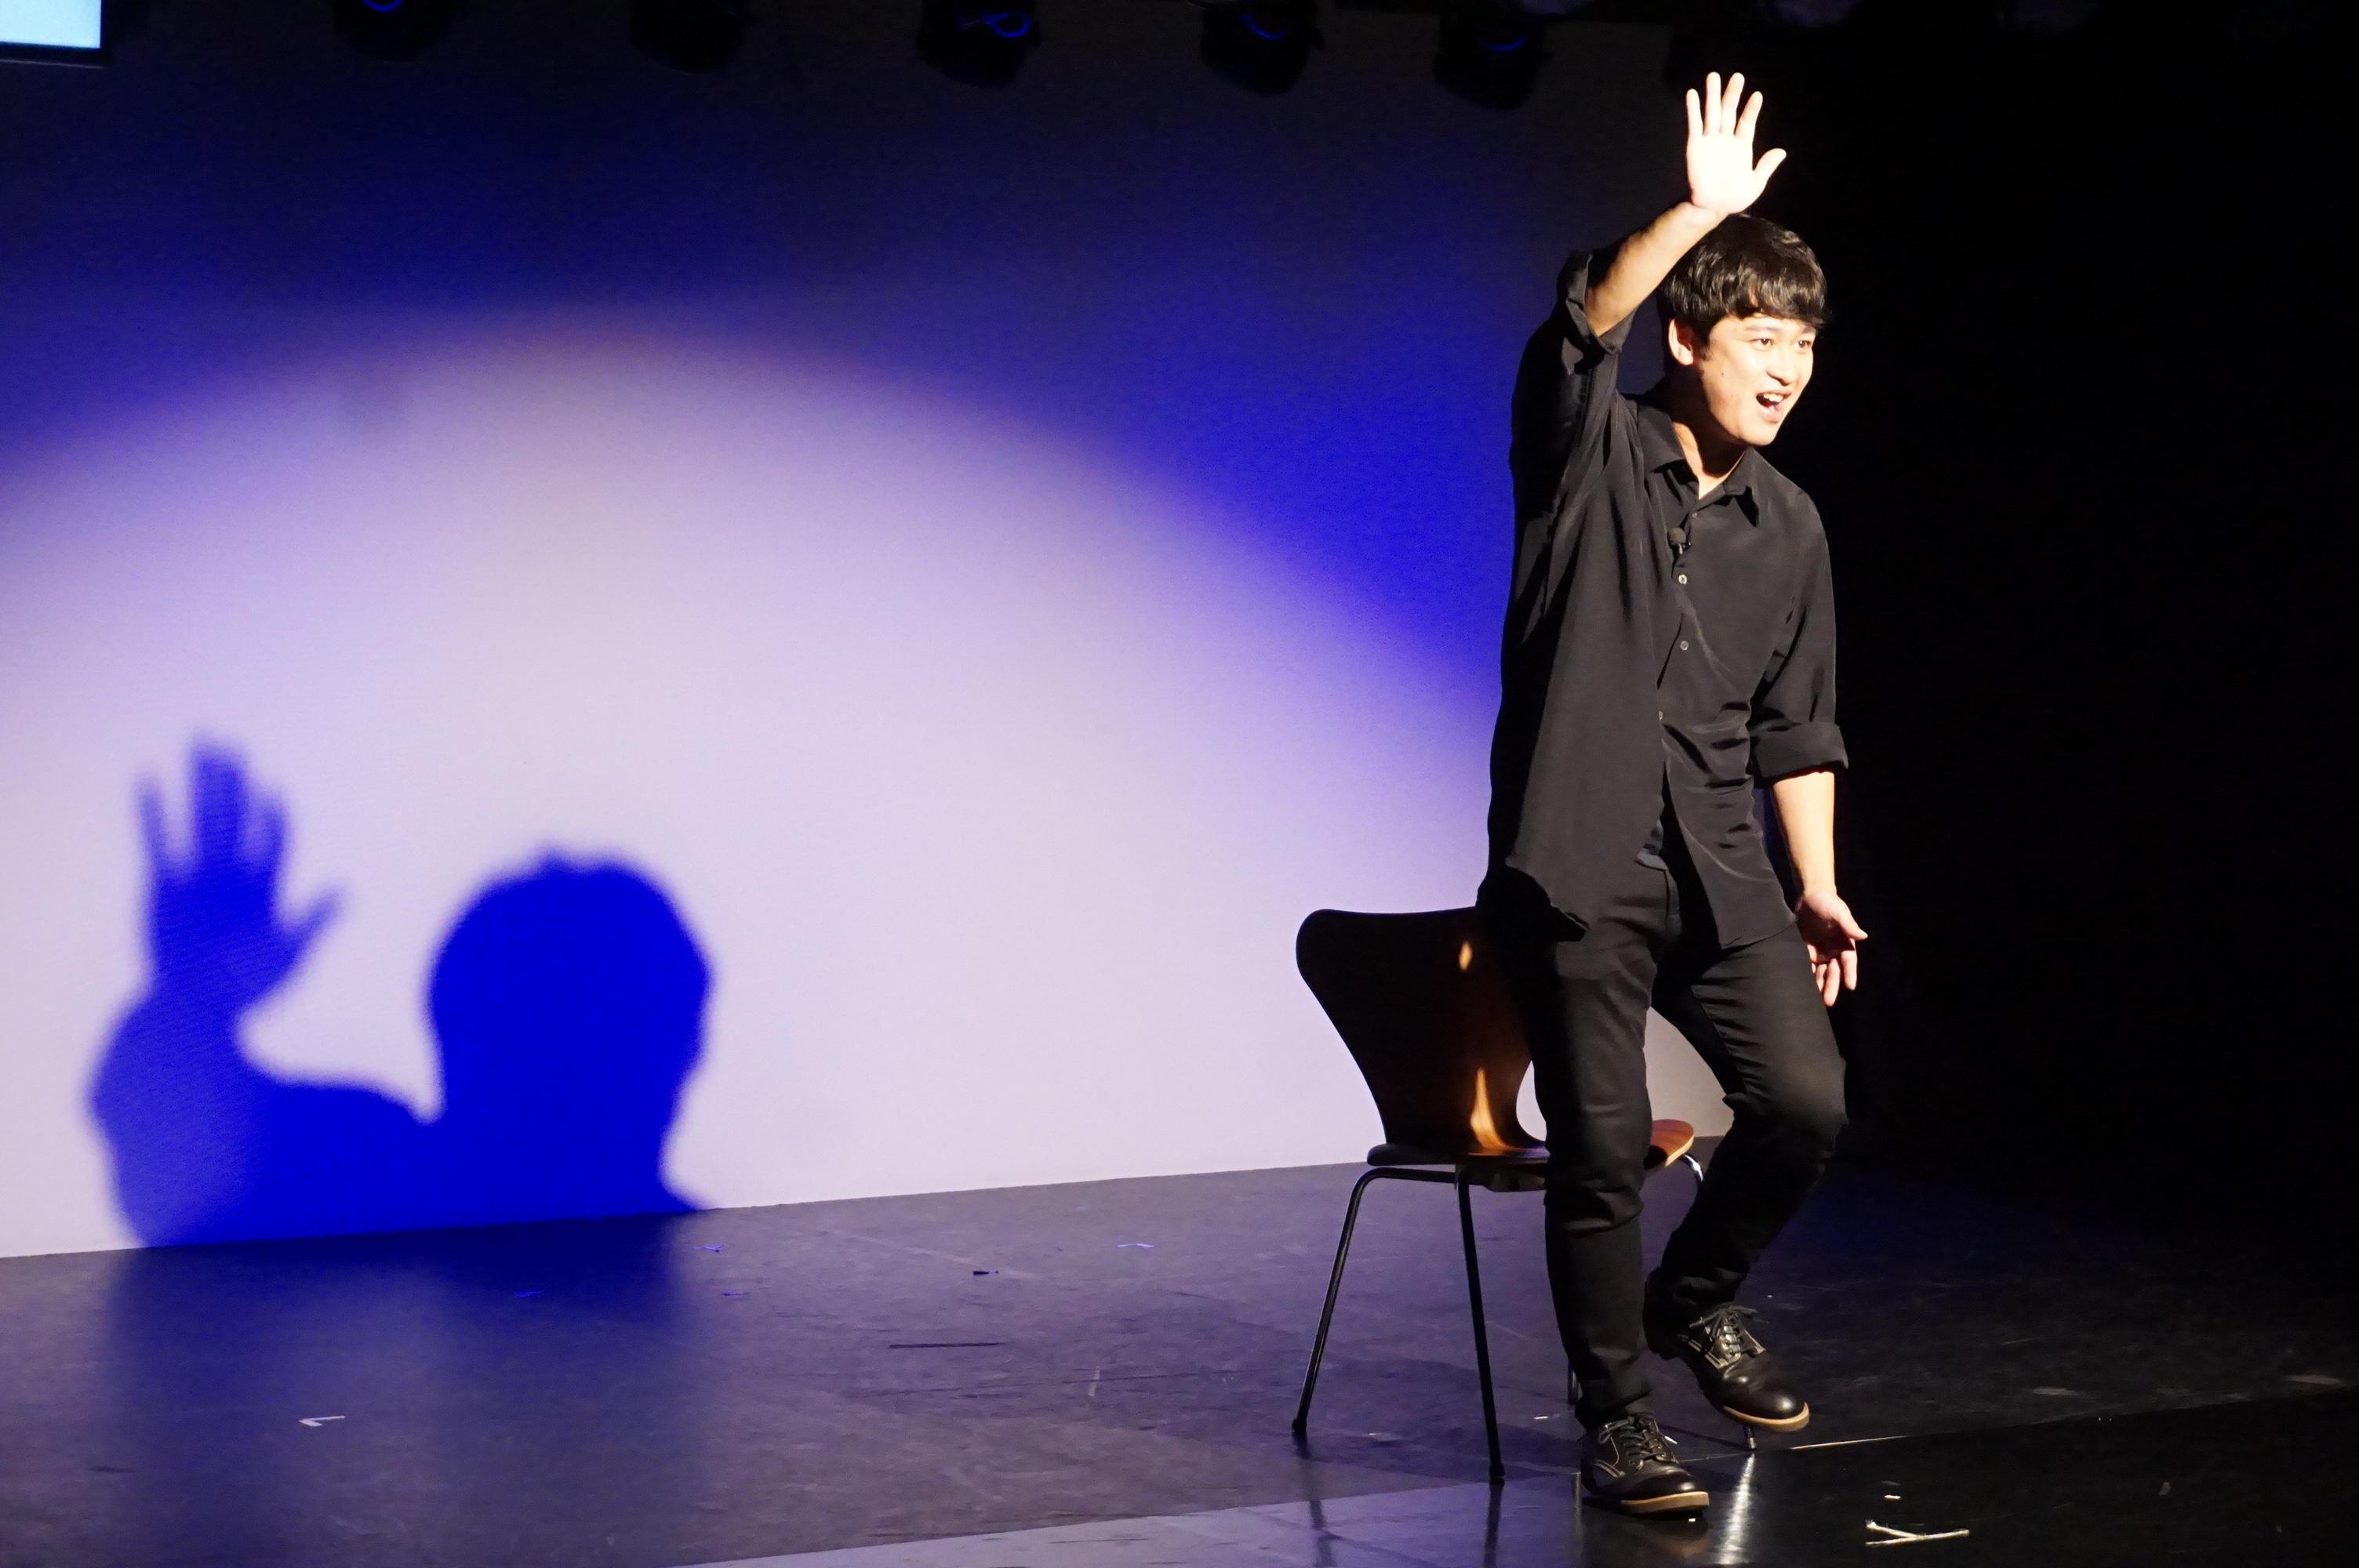 http://news.yoshimoto.co.jp/20180629173527-341d218a1239f37d2eba5920b1e0586af2e00e68.jpg